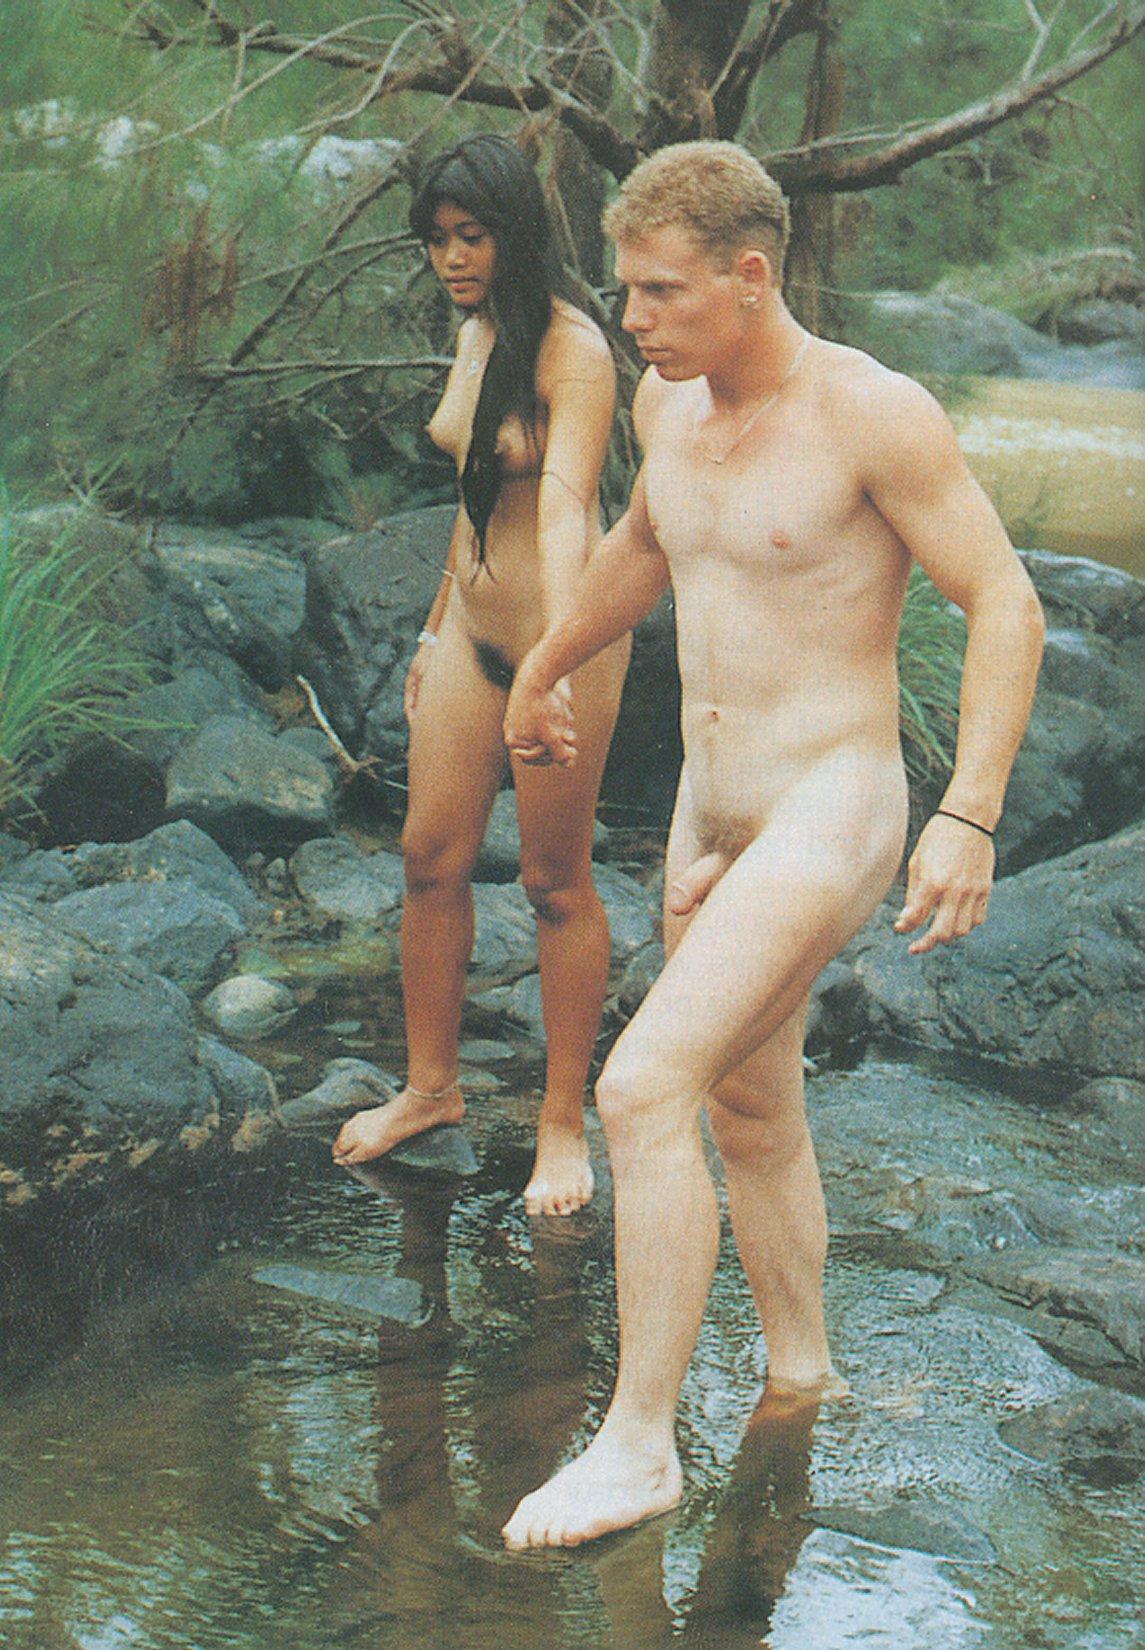 Фото голых парней вместе с девушкой 10 фотография